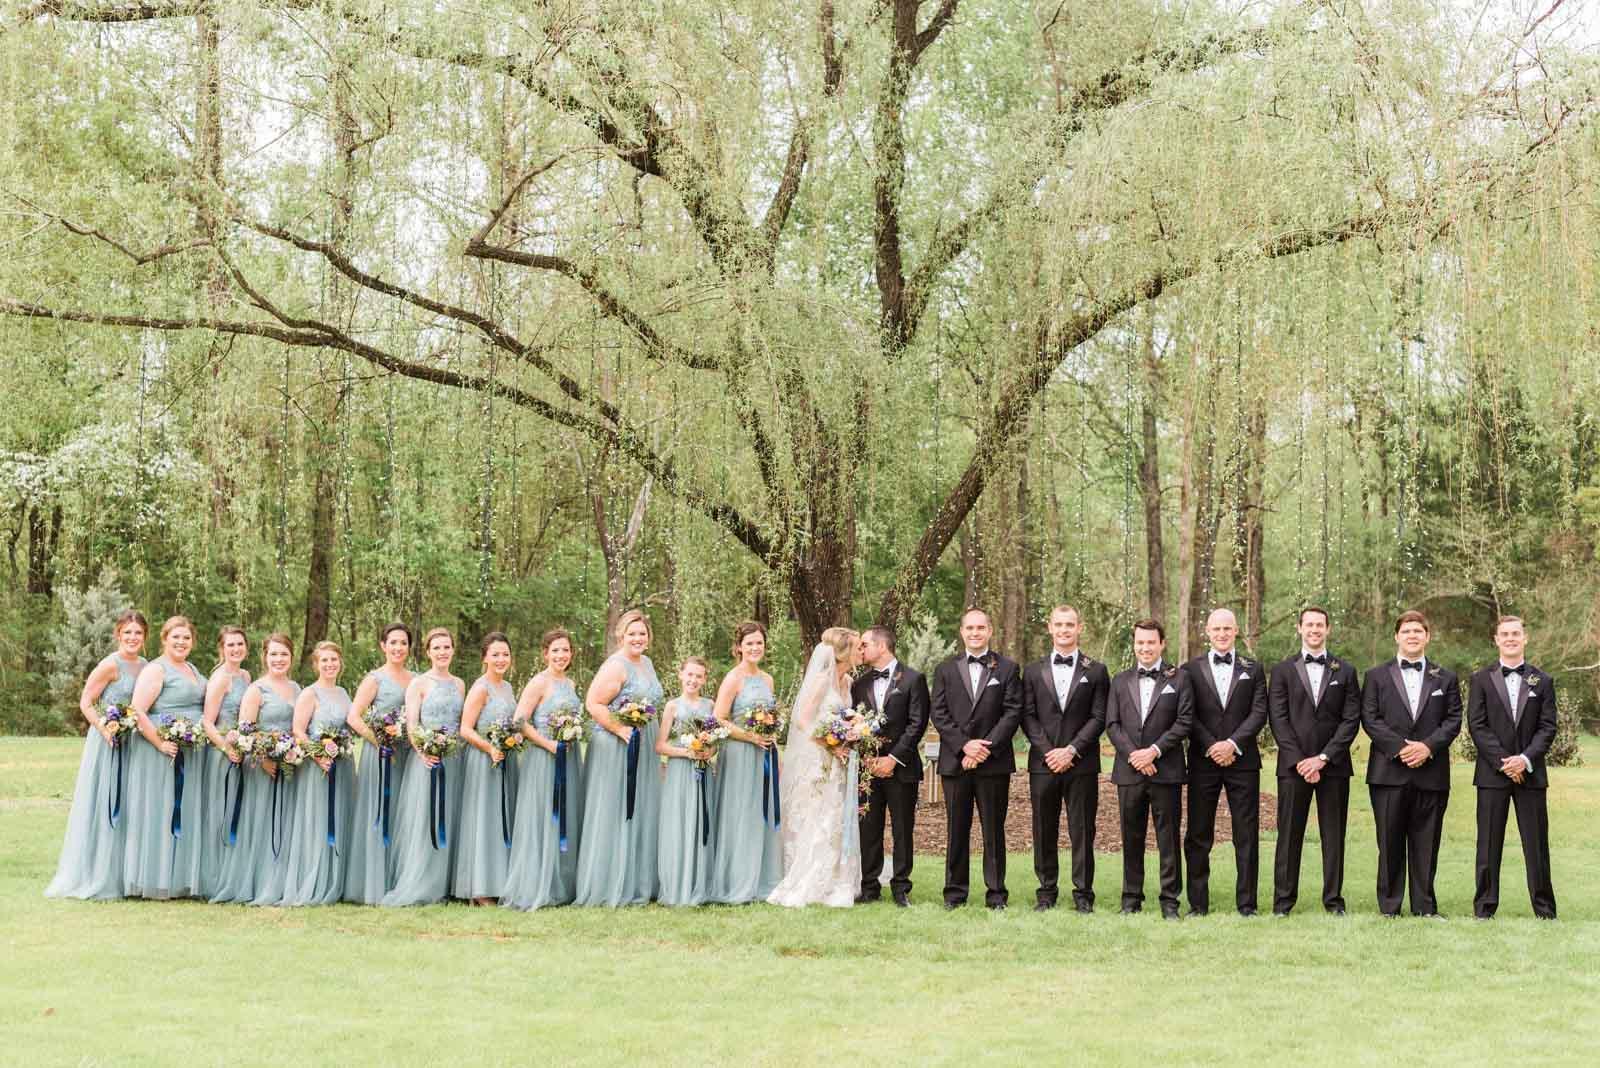 Aurora+Farms+Wedding+in+Greenville,+SC+Markie+Walden+Photography-60.jpg